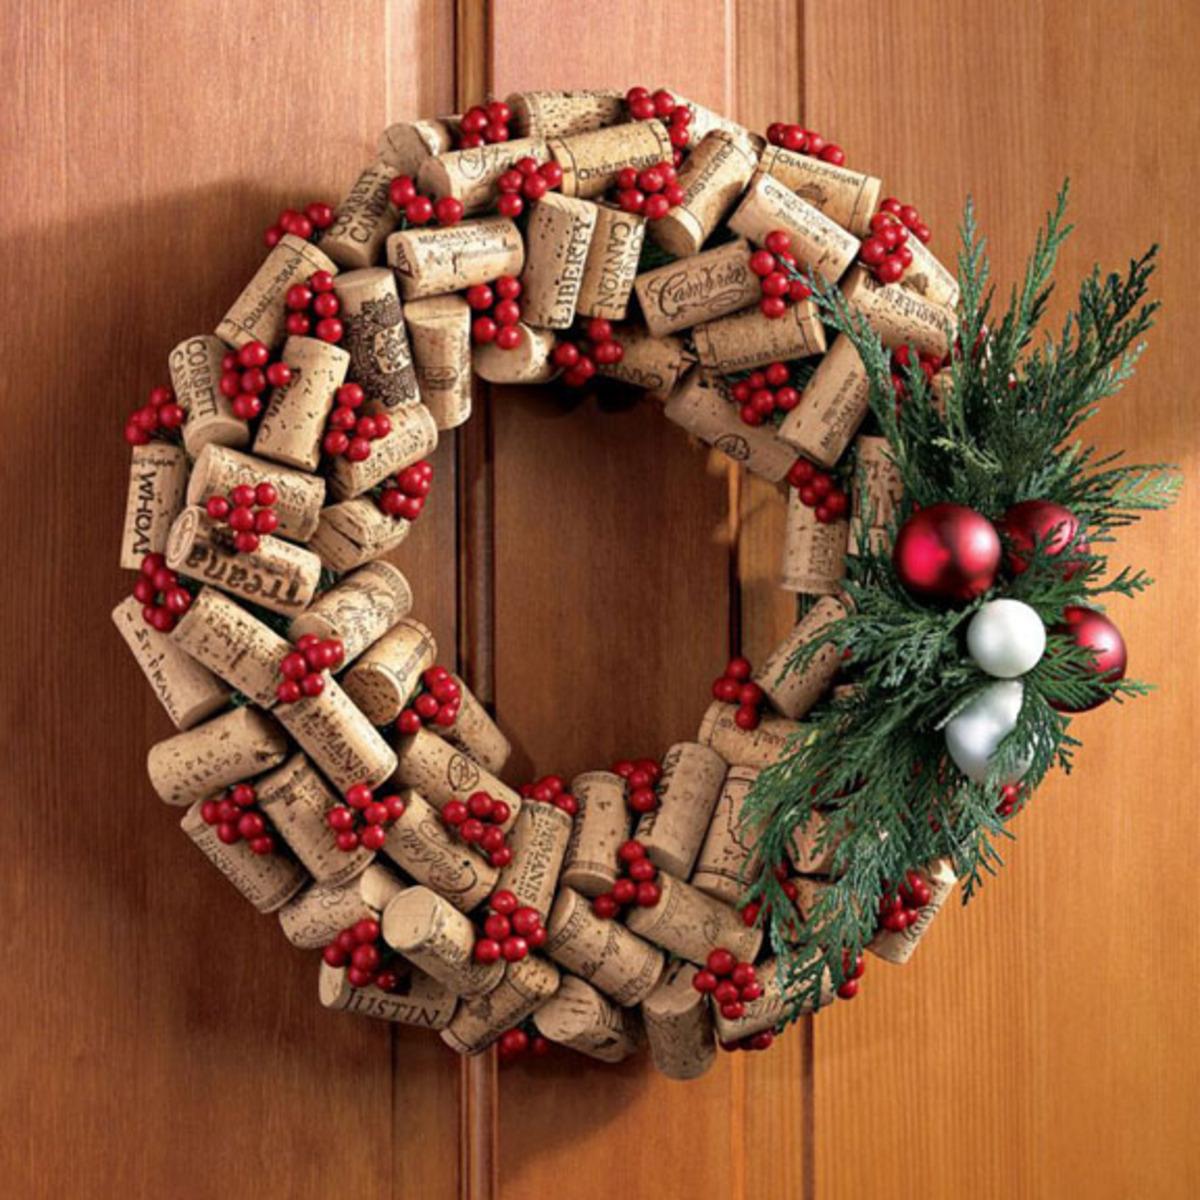 20 decoraciones para Navidad que puedes hacer con tus